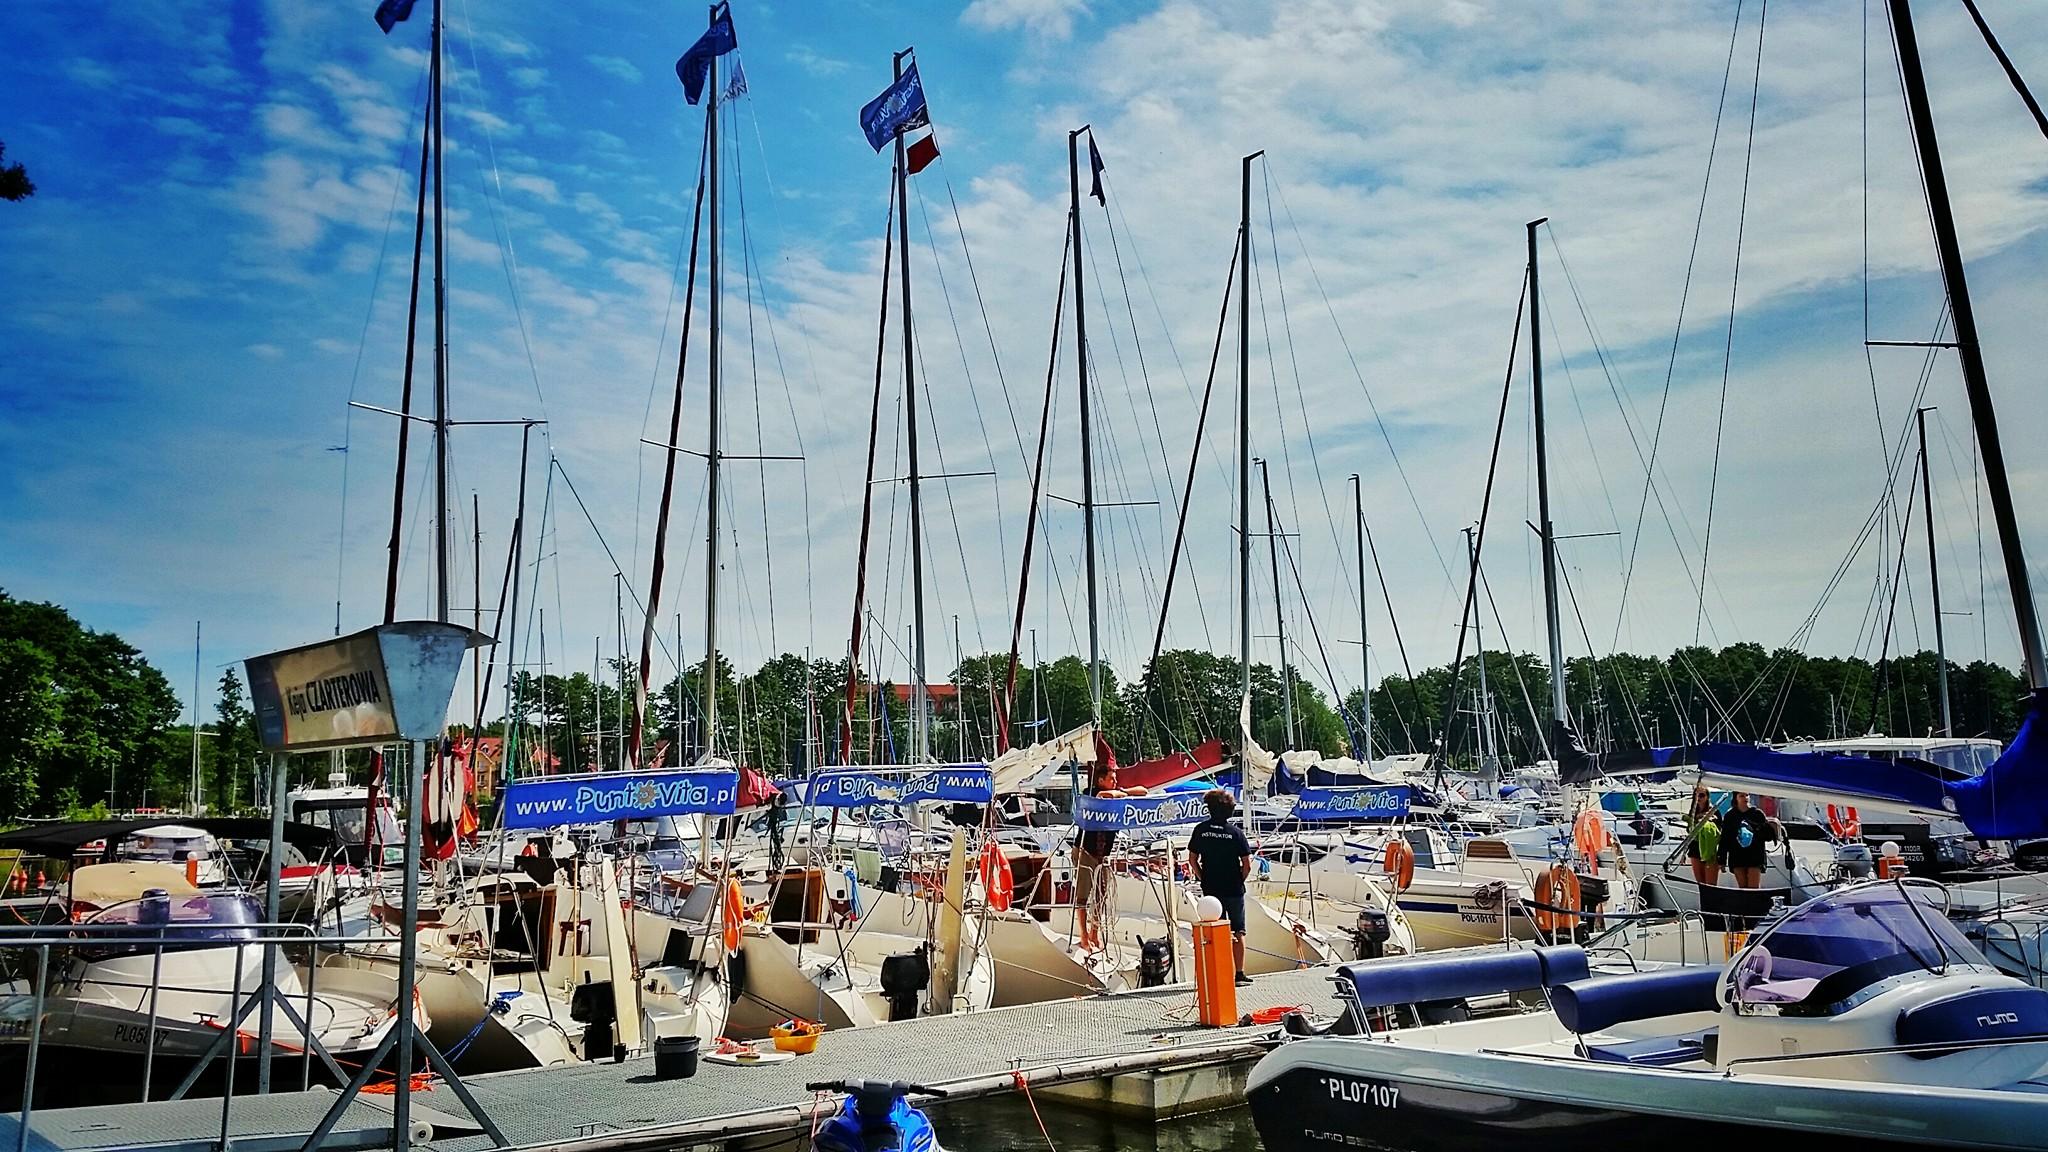 Przystań - baza żeglarska Puntovita na Mazurach